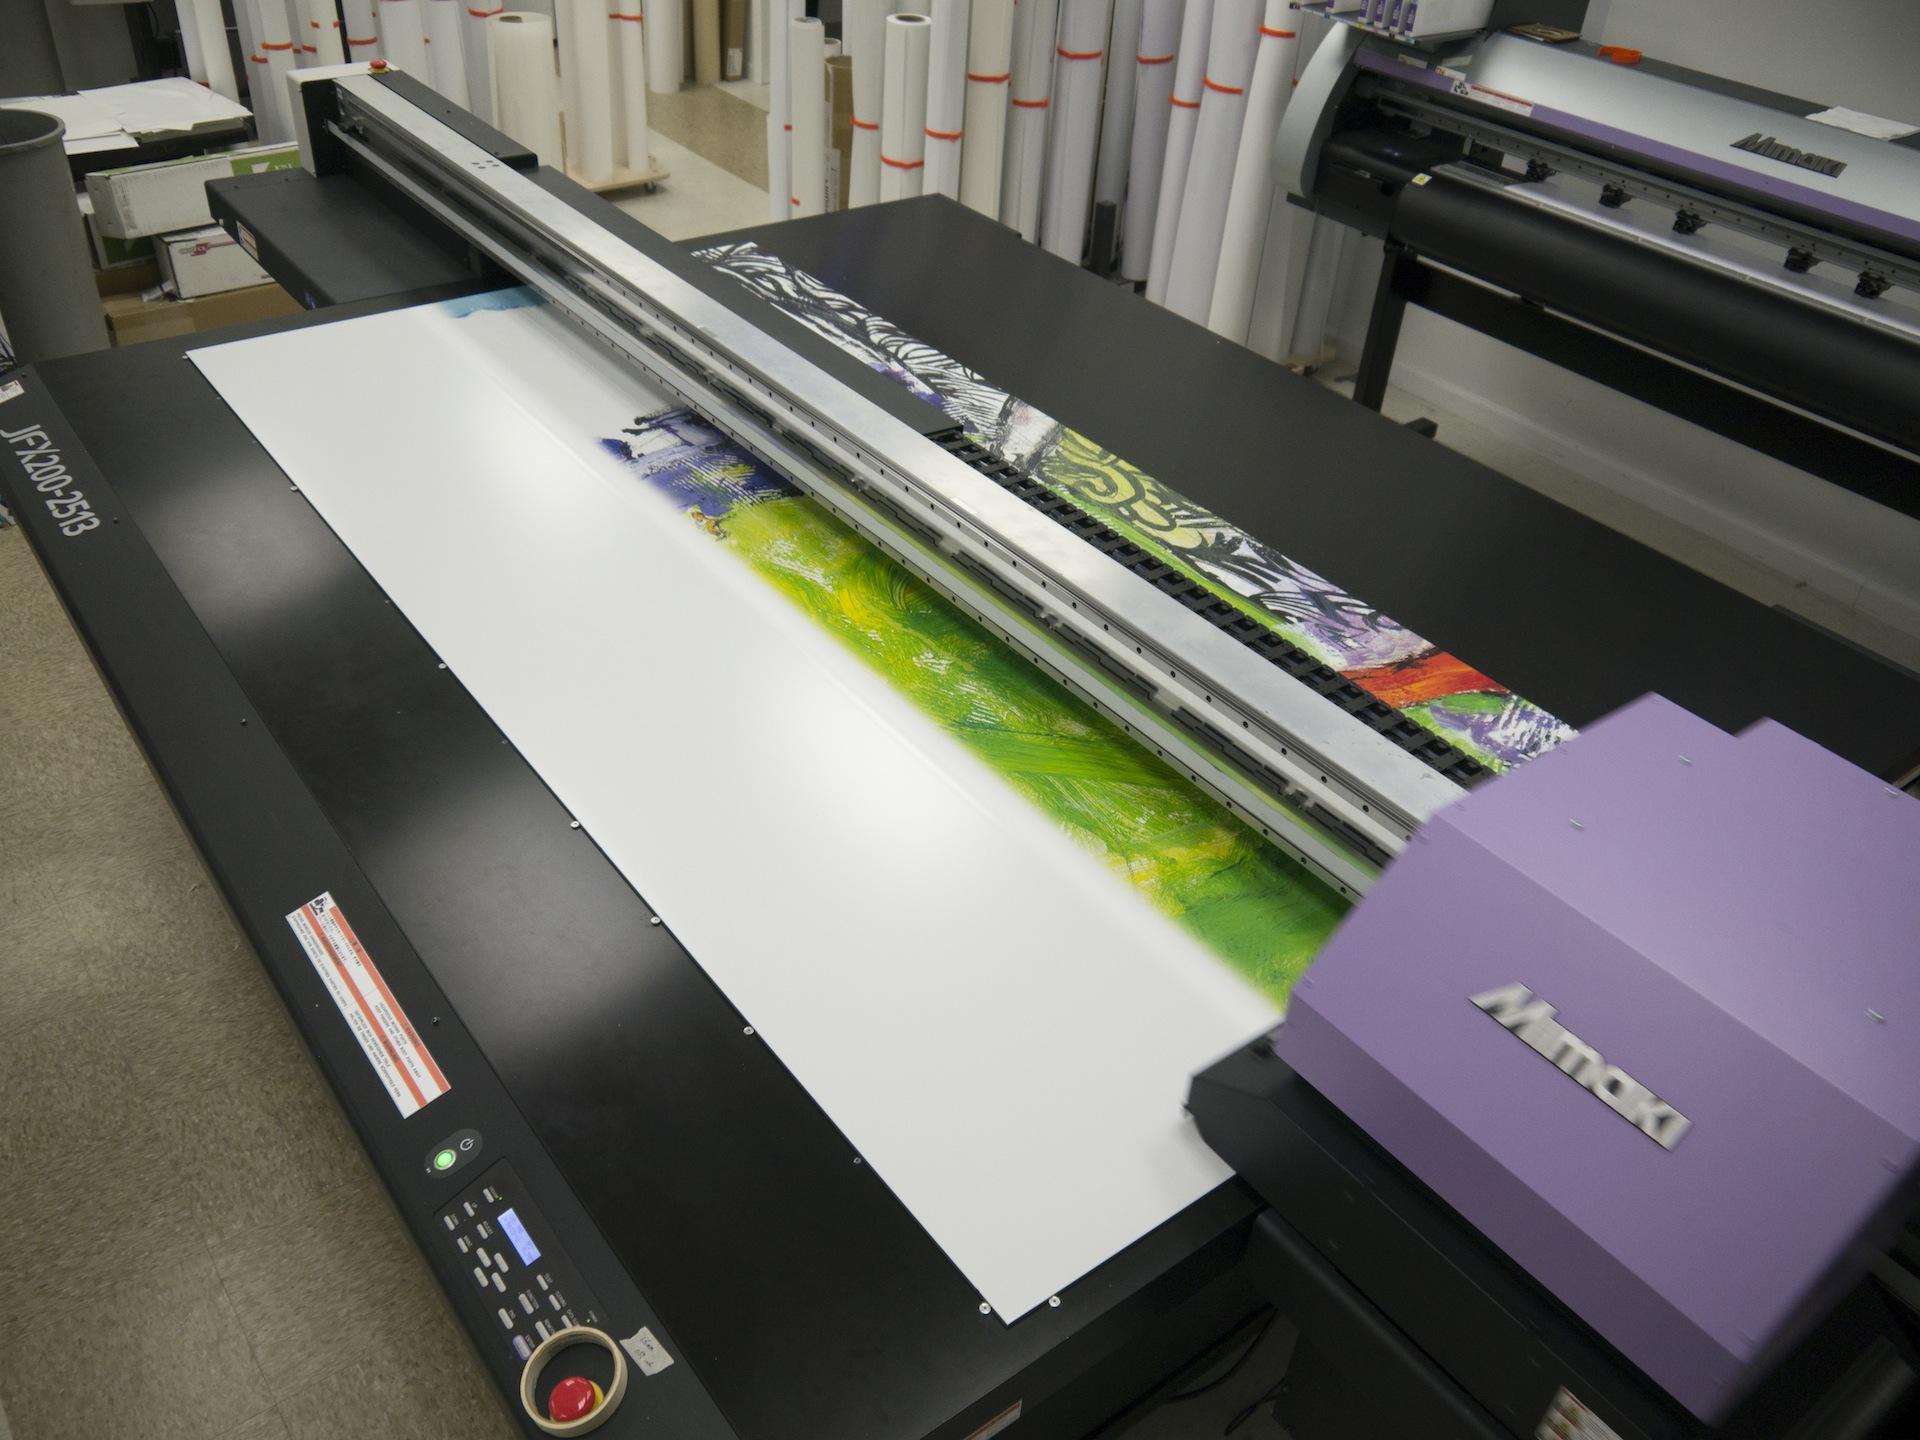 Printing 8 foot panels for mural.